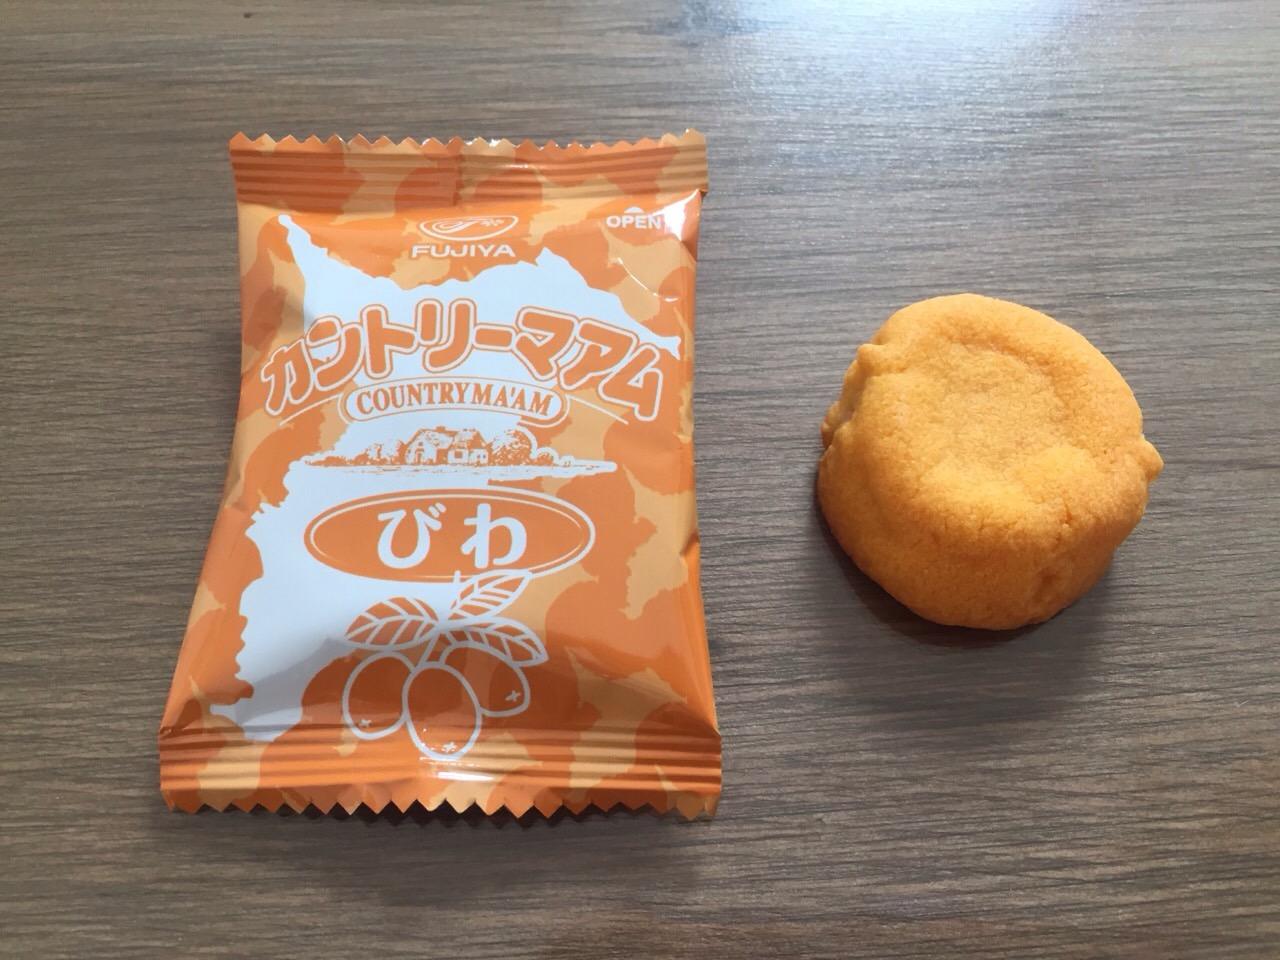 千葉県限定カントリーマームびわ味